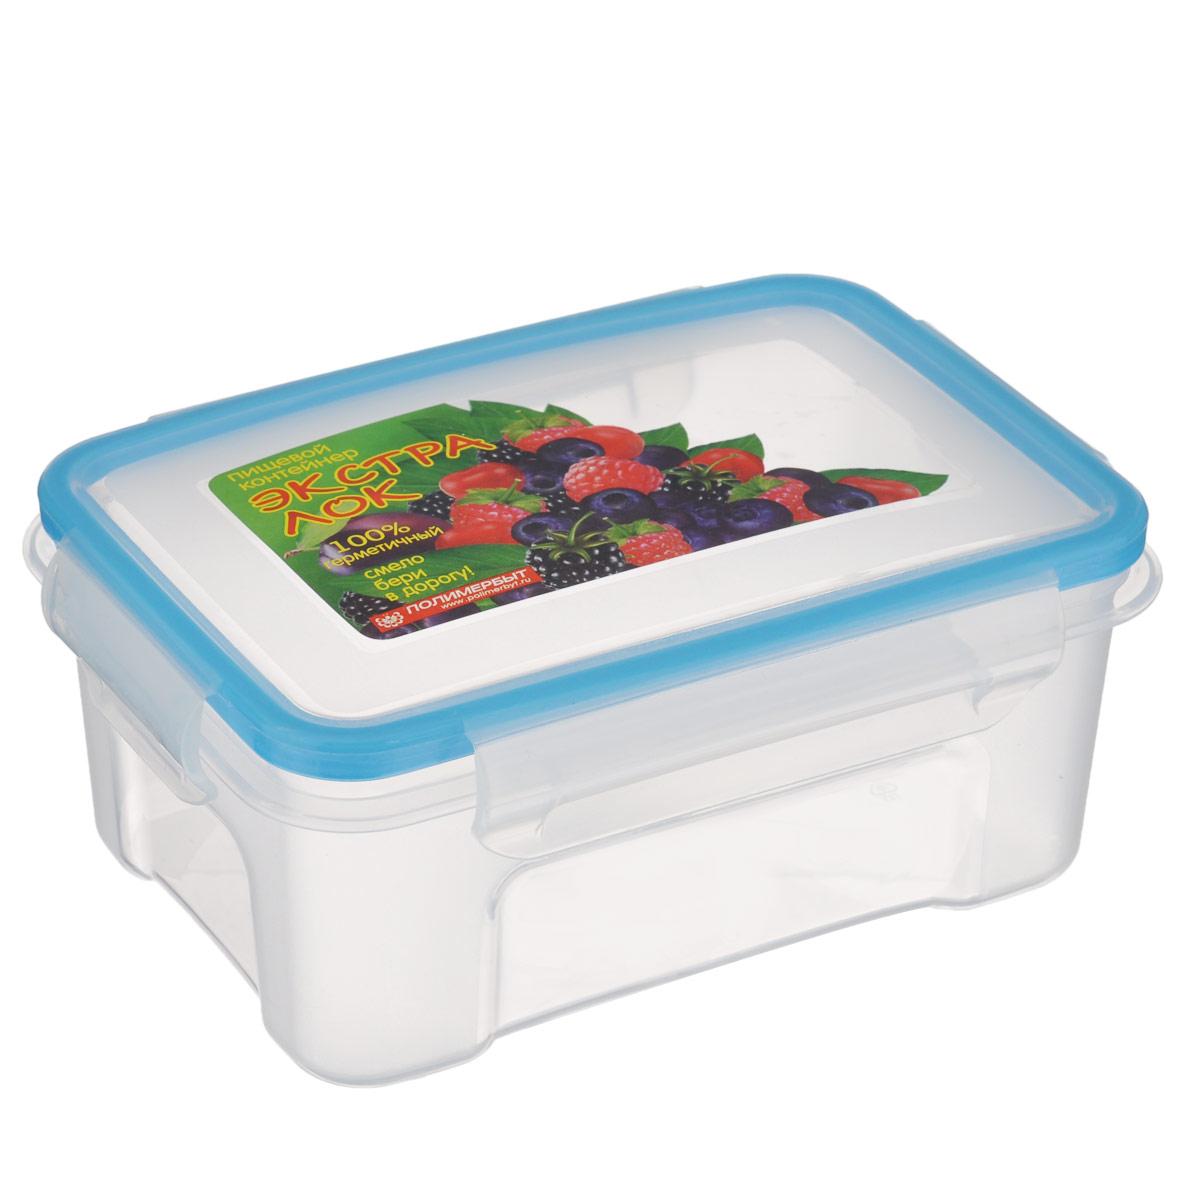 Контейнер Экстра лок, цвет: синий, 750 млС761 синийКонтейнер Экстра лок изготовлен из прочного пластика, предназначен специально для хранения пищевых продуктов. Крышка легко открывается и плотно закрывается. Прозрачные стенки позволяют видеть содержимое. Контейнер устойчив к воздействию масел, жиров, легко моется. Имеет возможность хранения продуктов глубокой заморозки, обладает высокой прочностью. Можно мыть в посудомоечной машине. Подходит для использования в микроволновых печах.